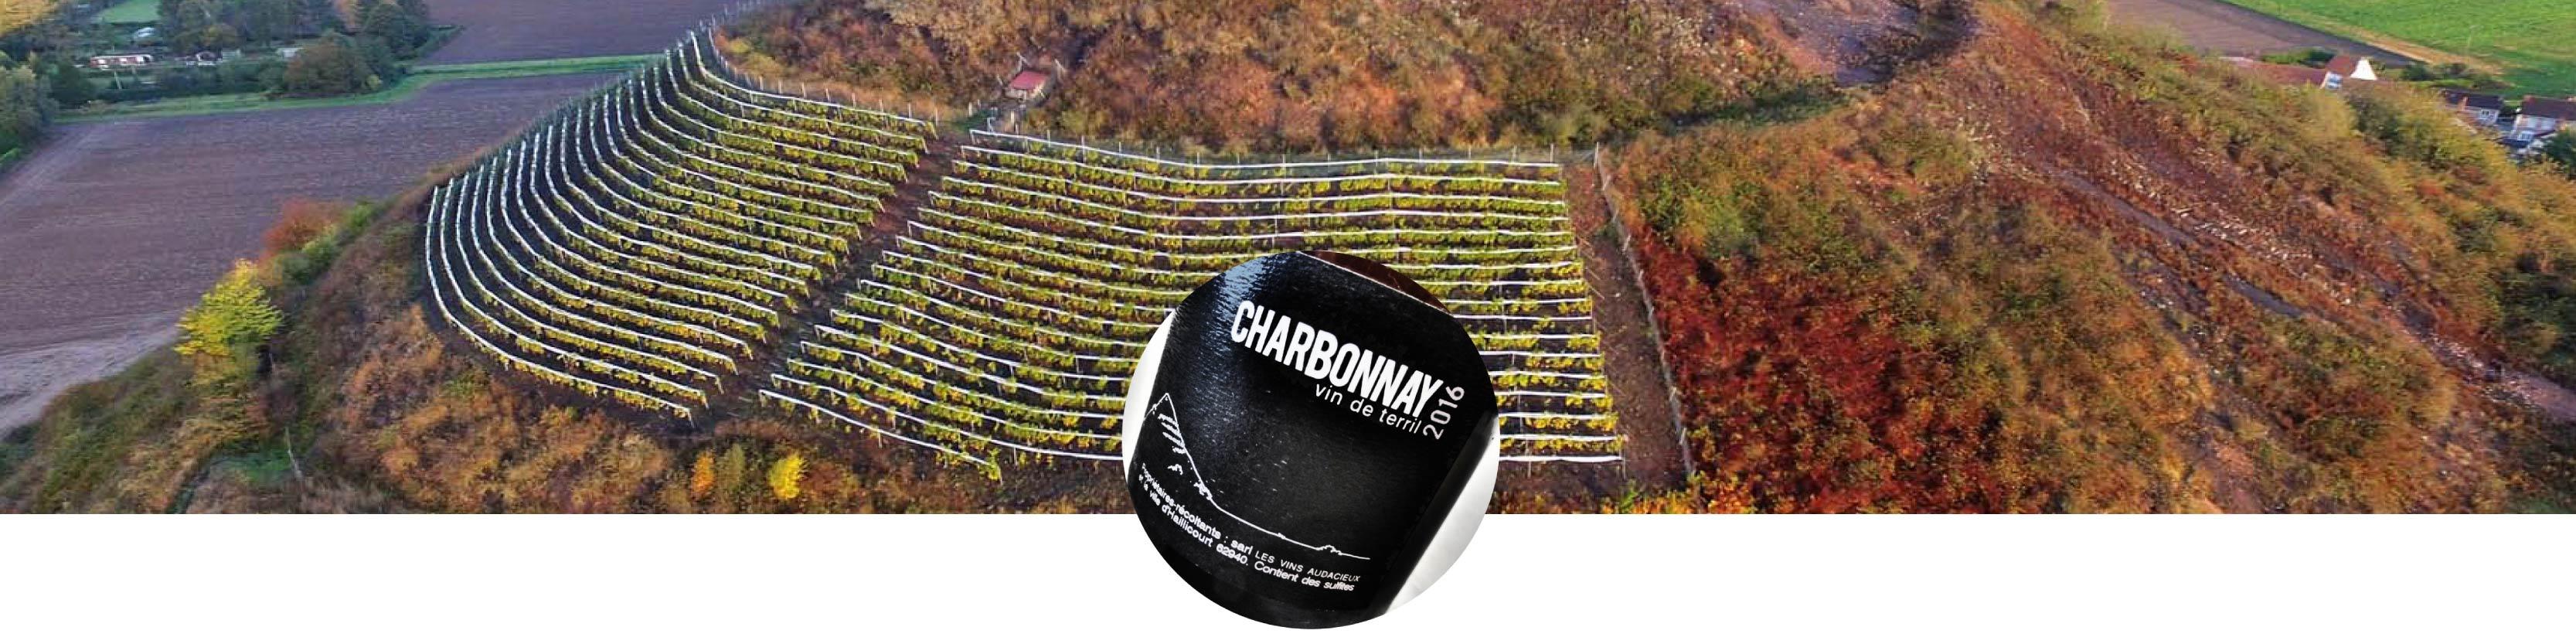 banniere-vin-terril-charbonnay